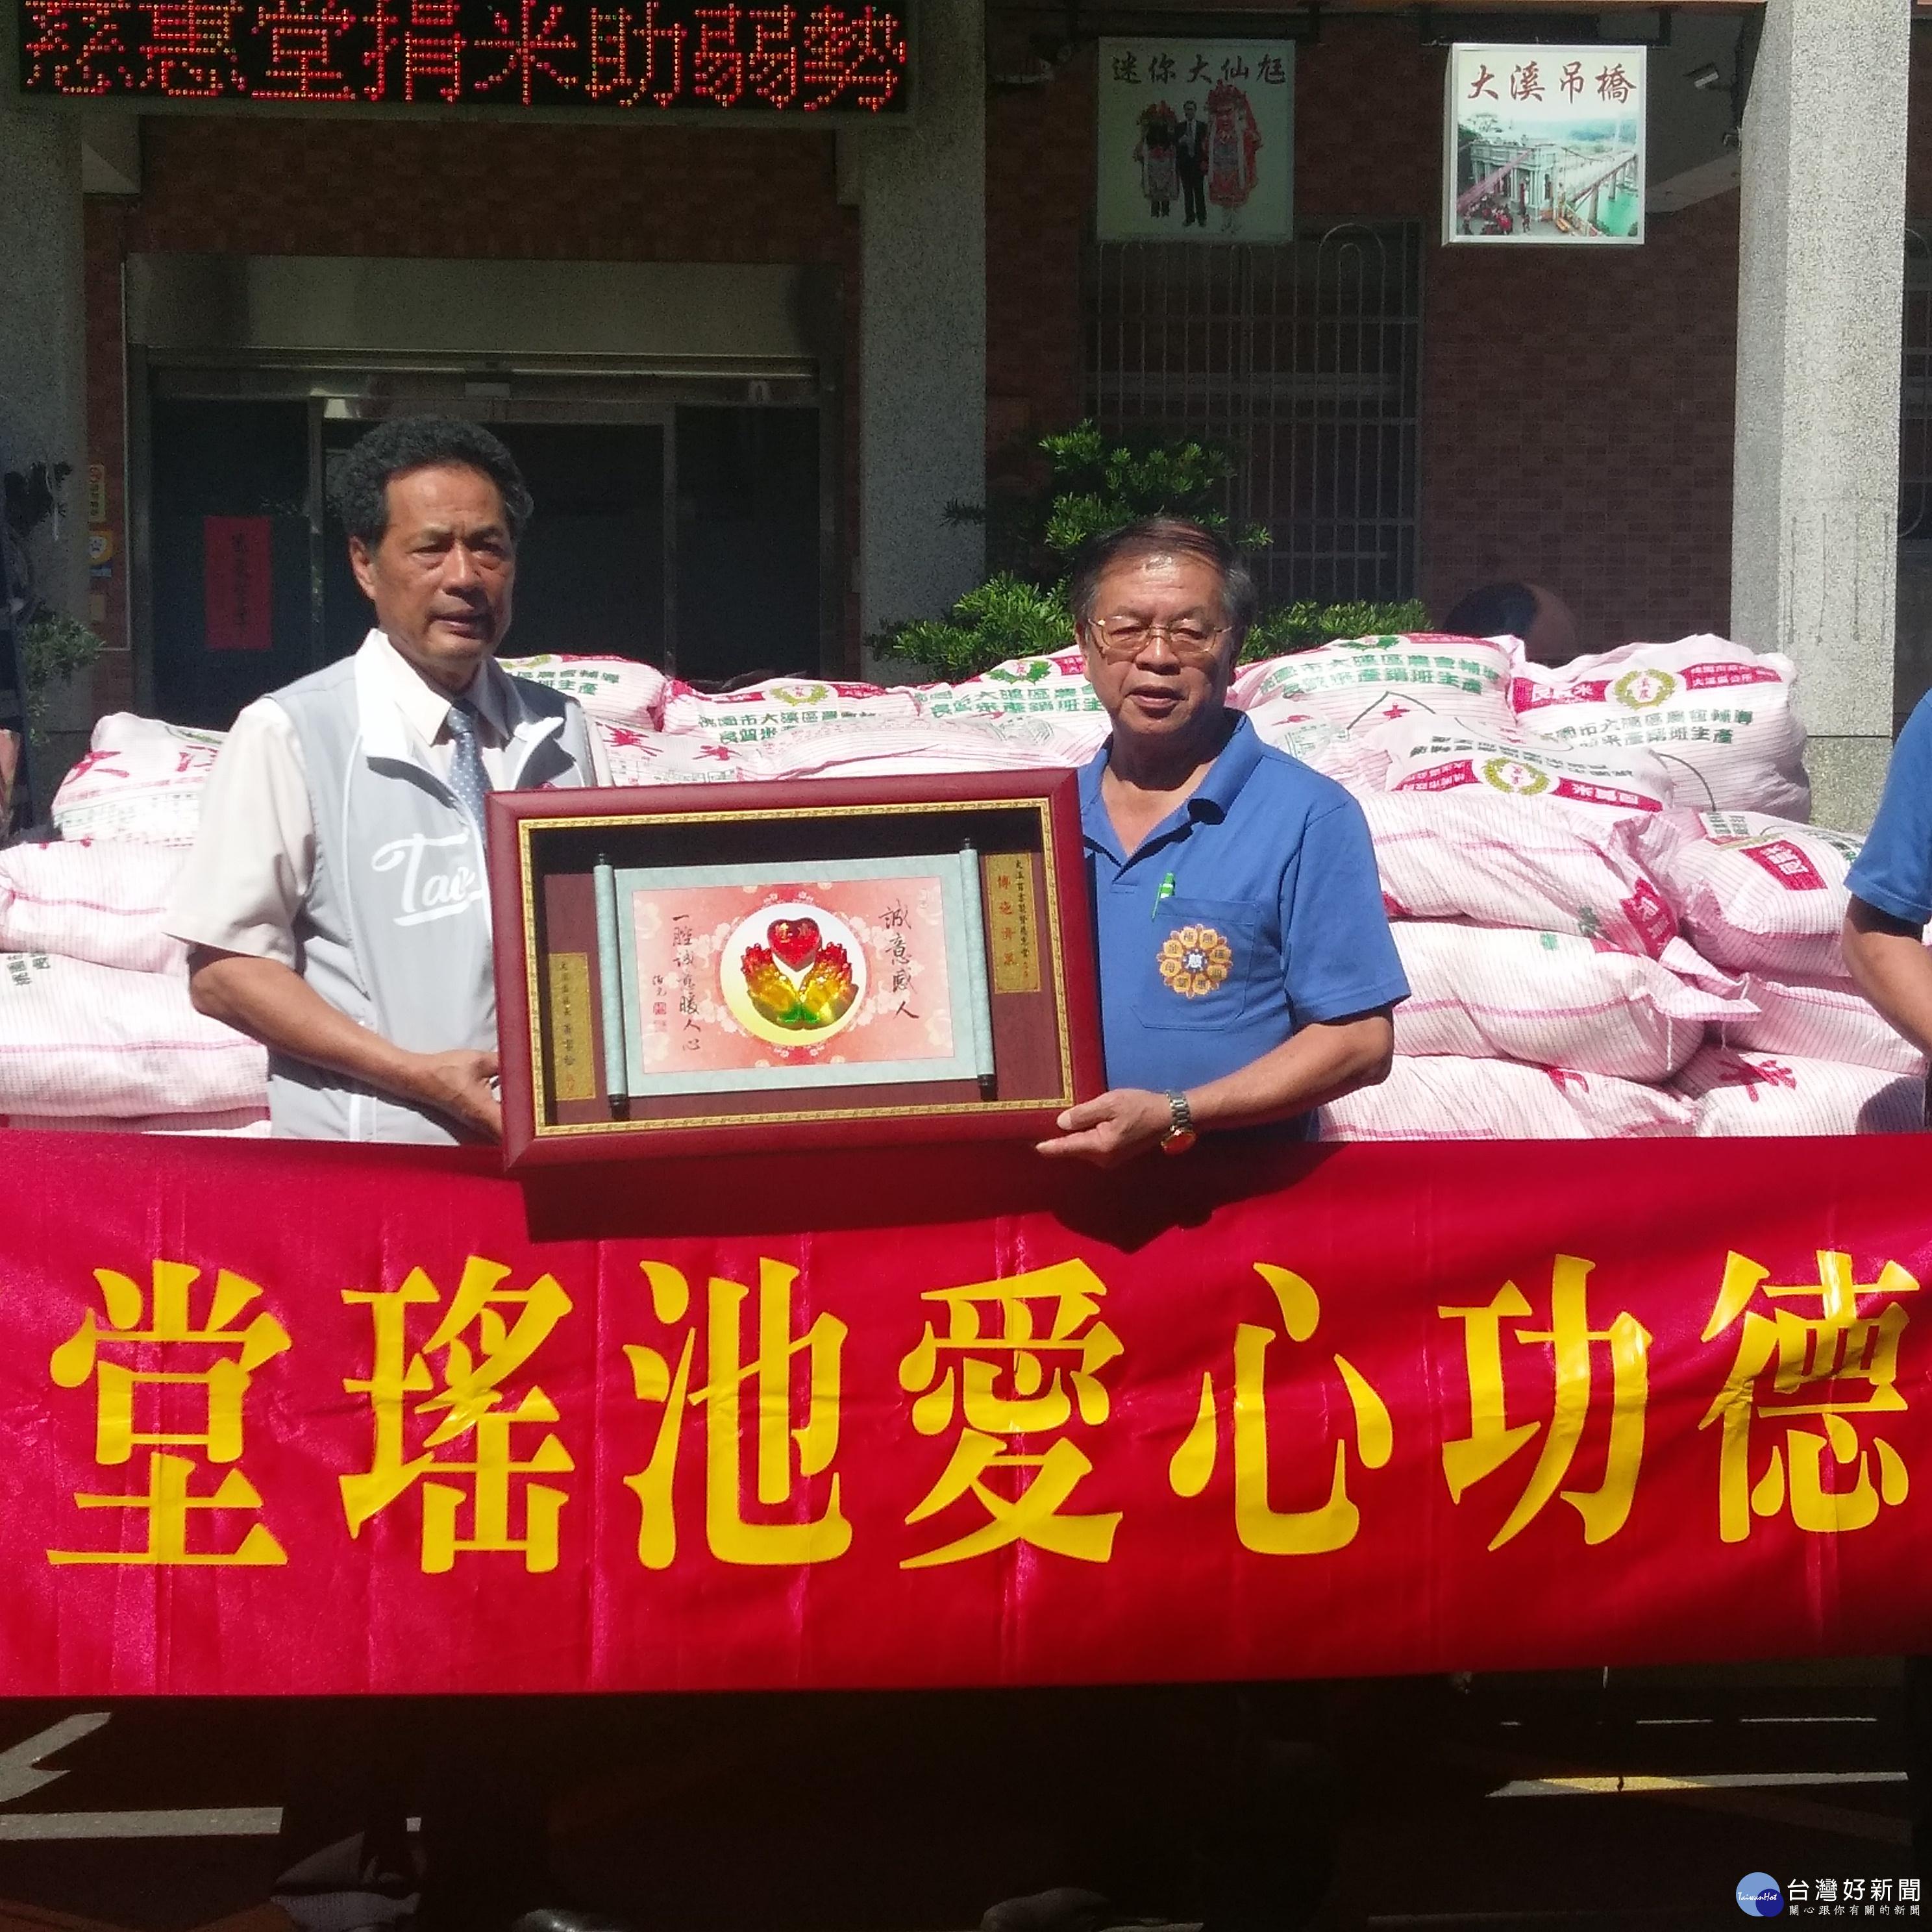 幫助弱勢團體 大溪百吉聚賢慈惠堂贈送2500台斤愛心白米